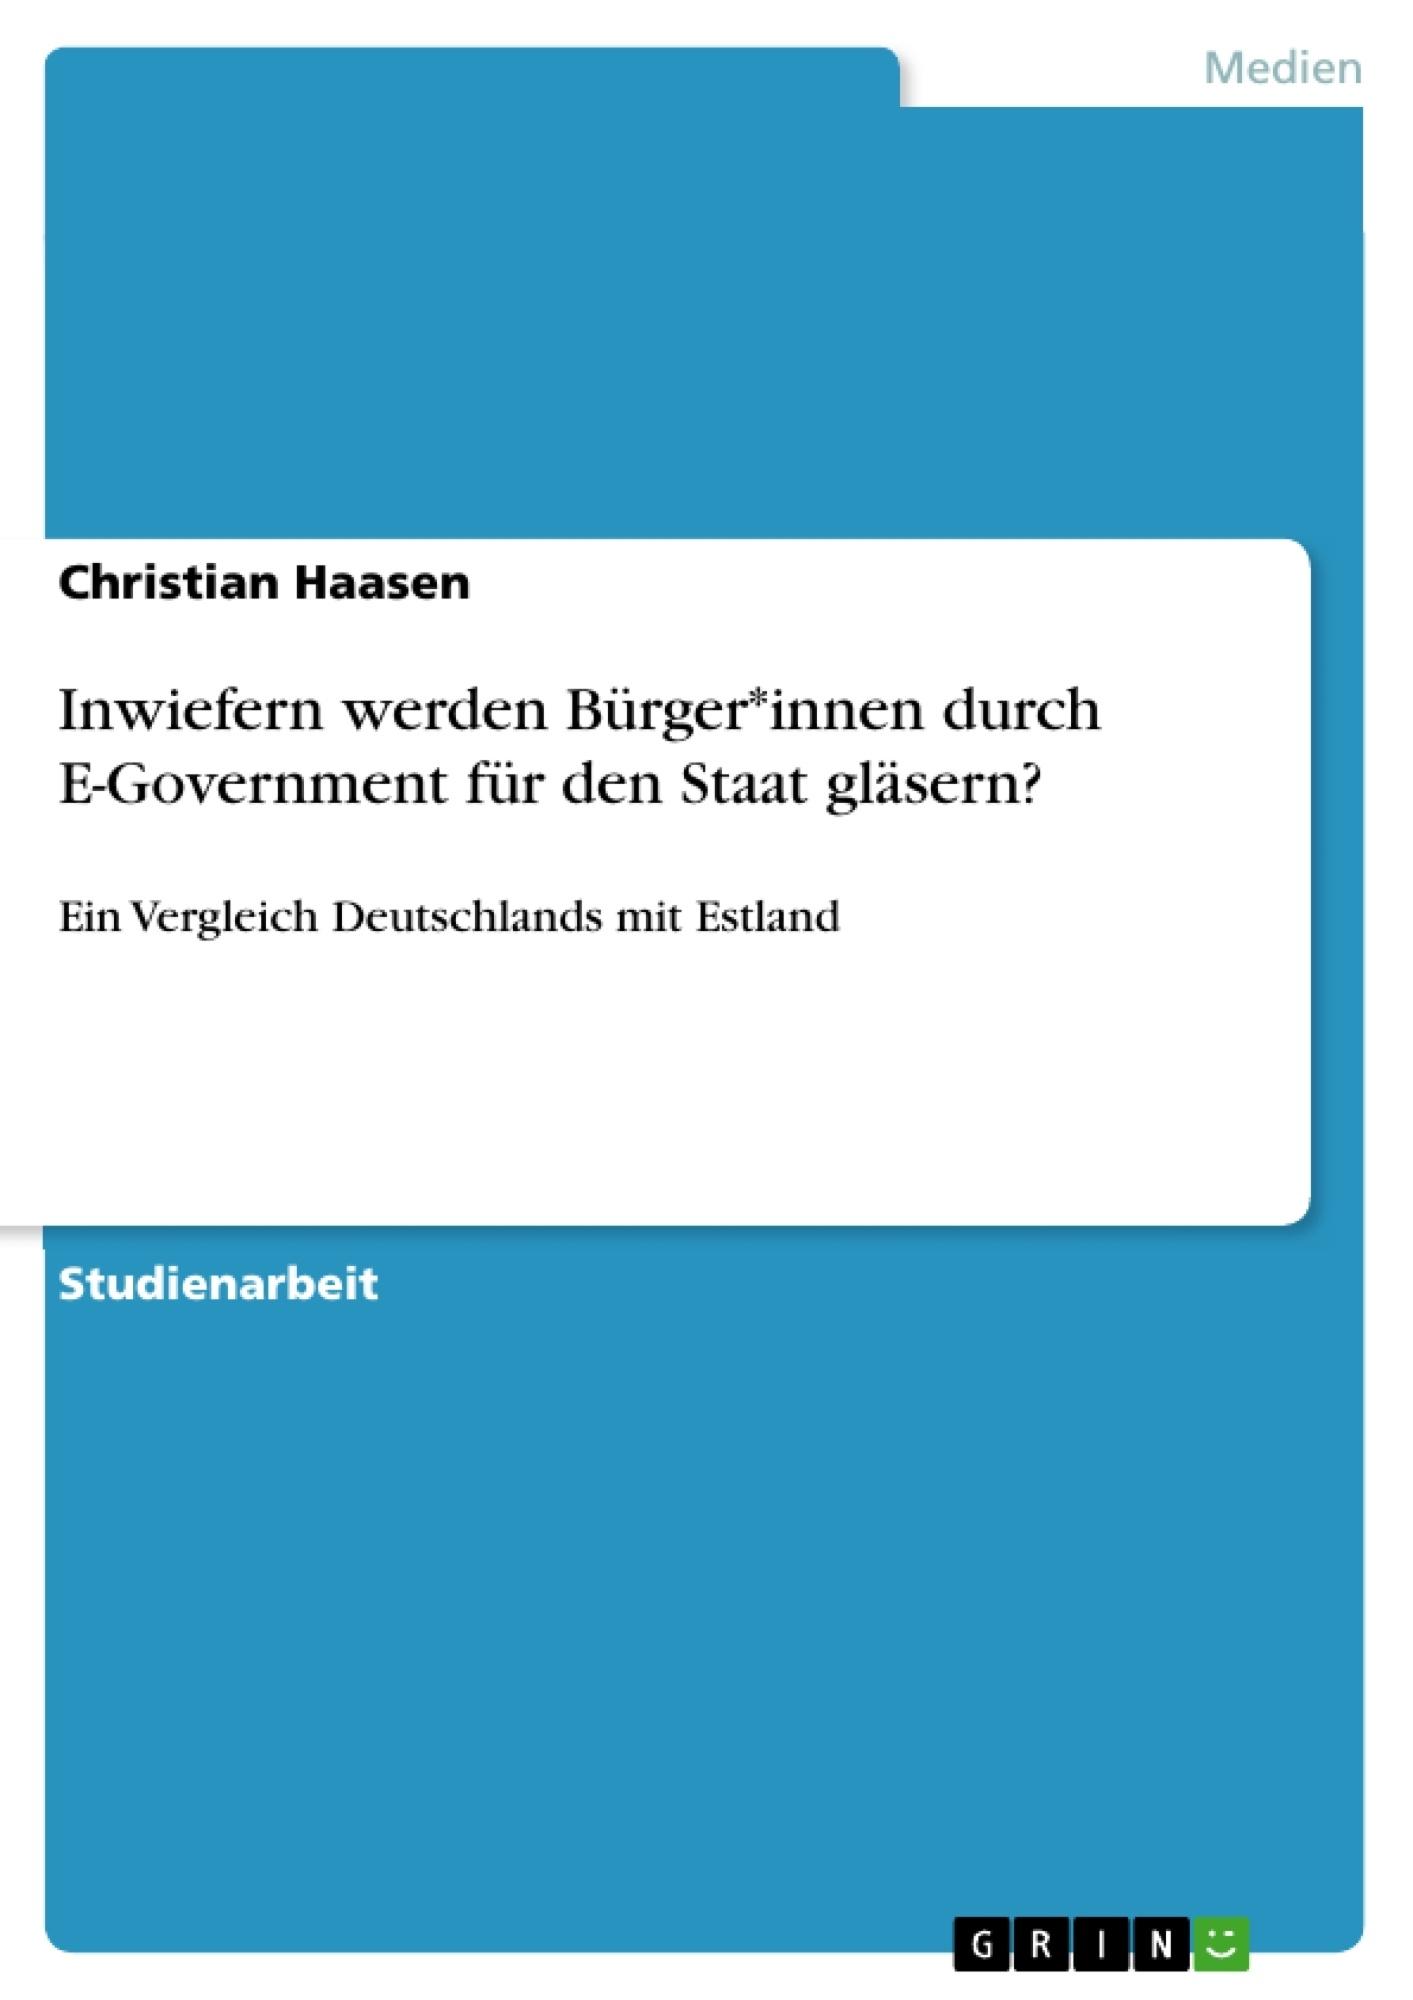 Titel: Inwiefern werden Bürger*innen durch E-Government für den Staat gläsern?